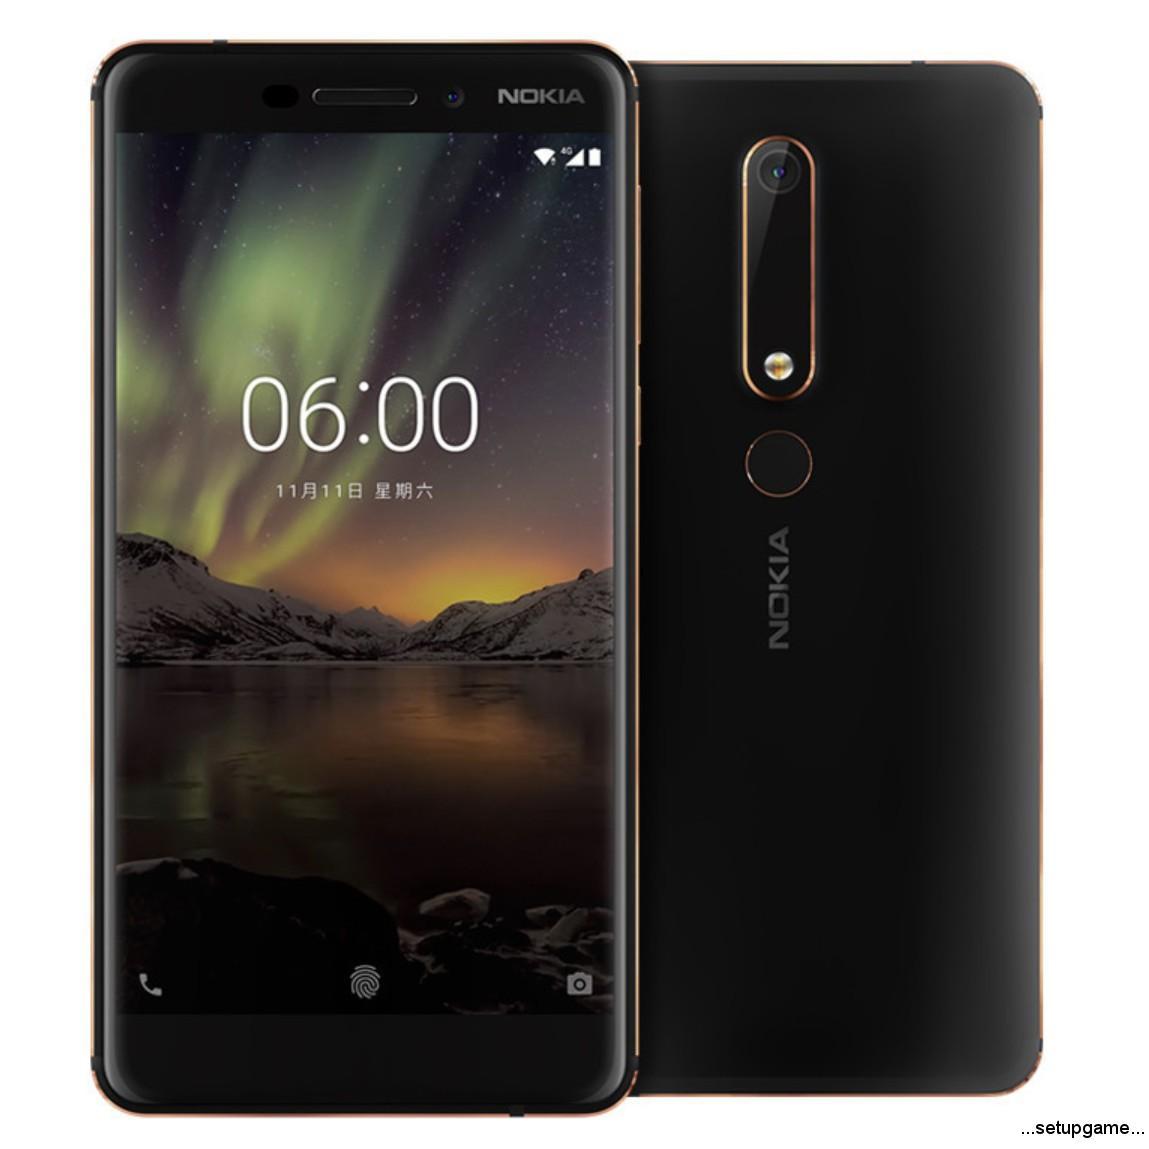 مدل 2018 نوکیا 6 با نام Nokia 6.1 شناخته میشود